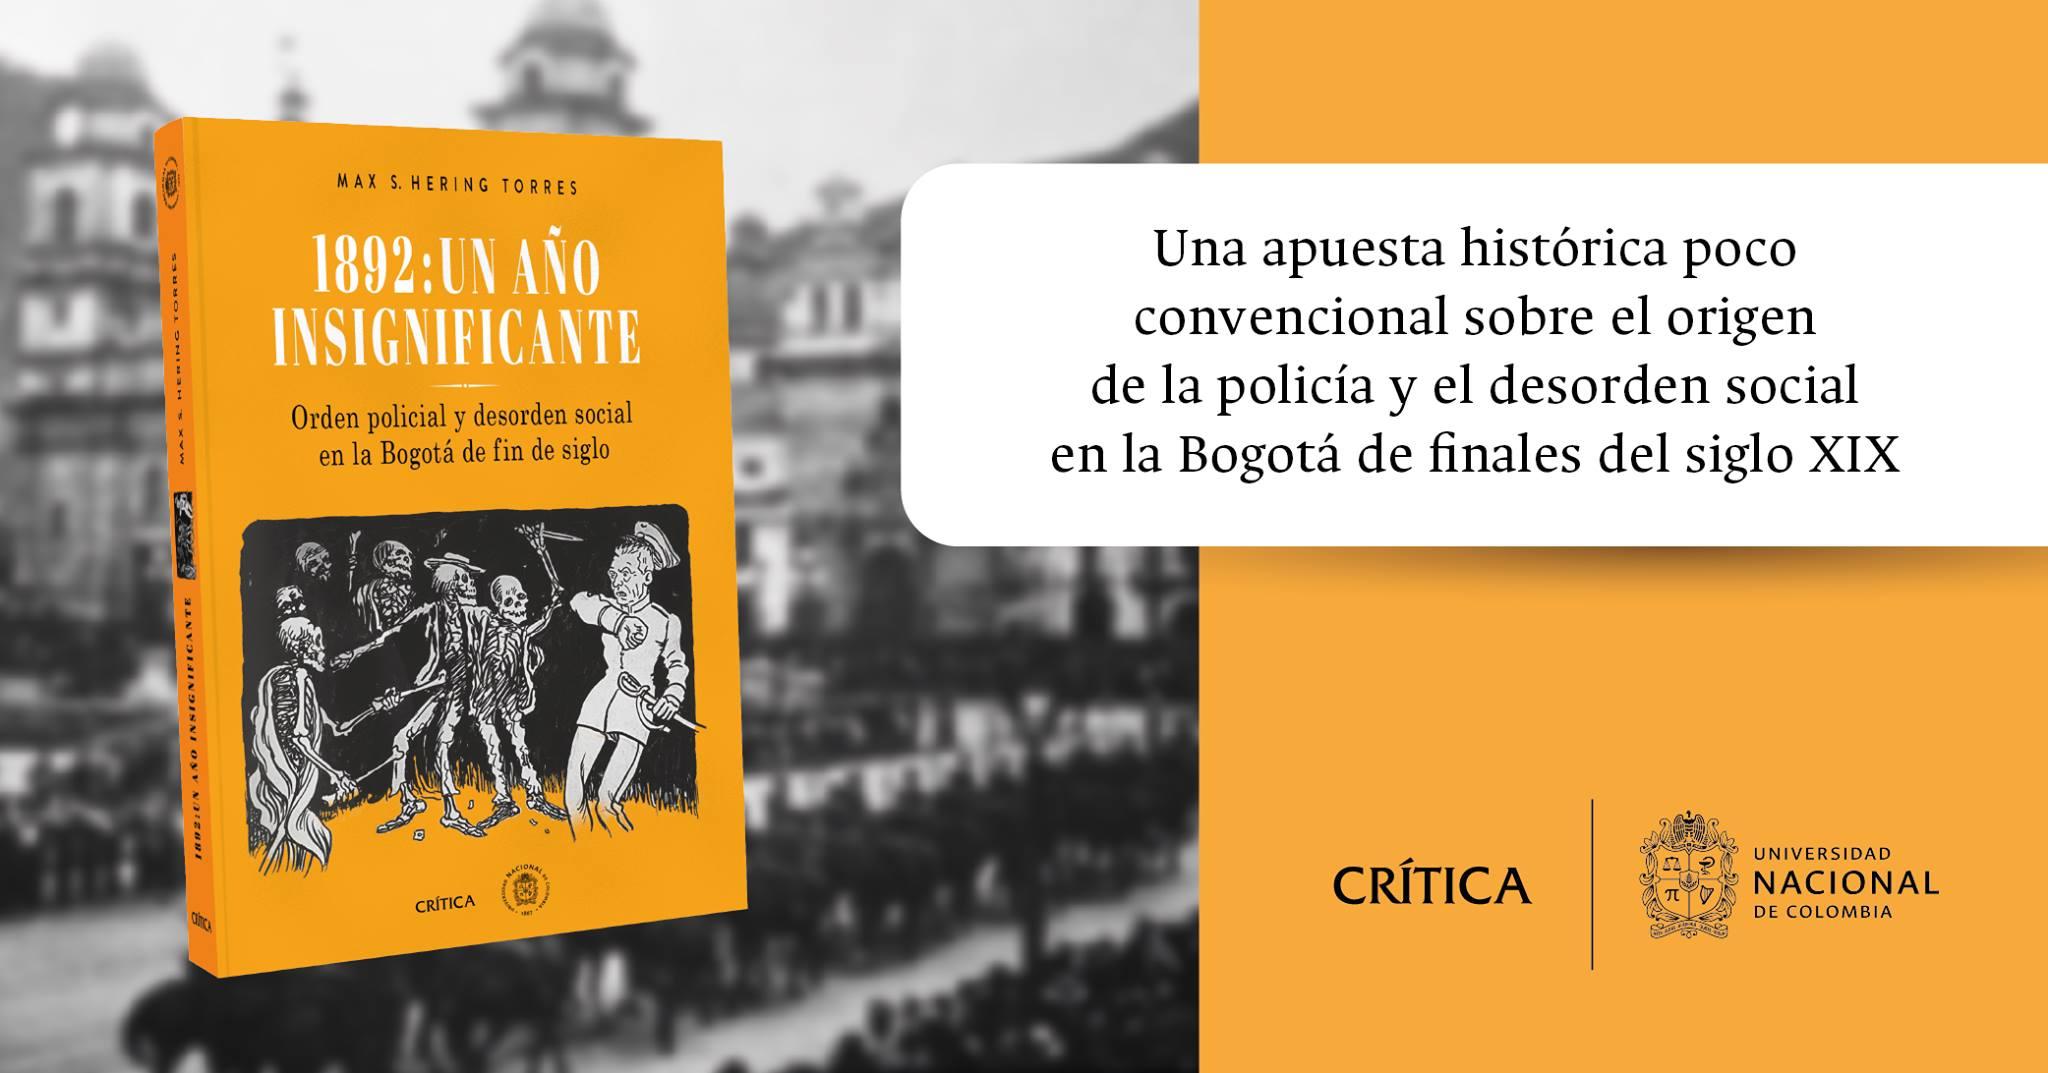 Lanzamiento de 1892: un año insignificante. Orden                 policial y desorden social en la Bogotá de fin de siglo                 (Max Hering Torres)